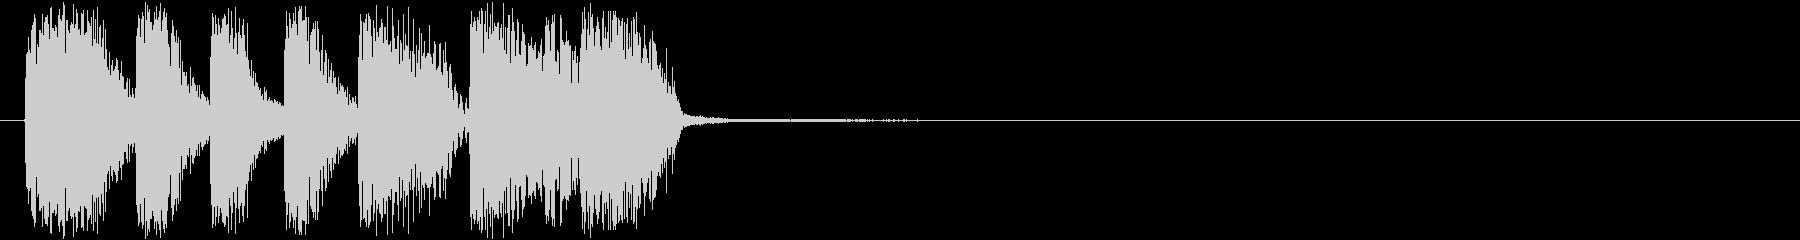 トランペットがカッコいいアイキャッチの未再生の波形